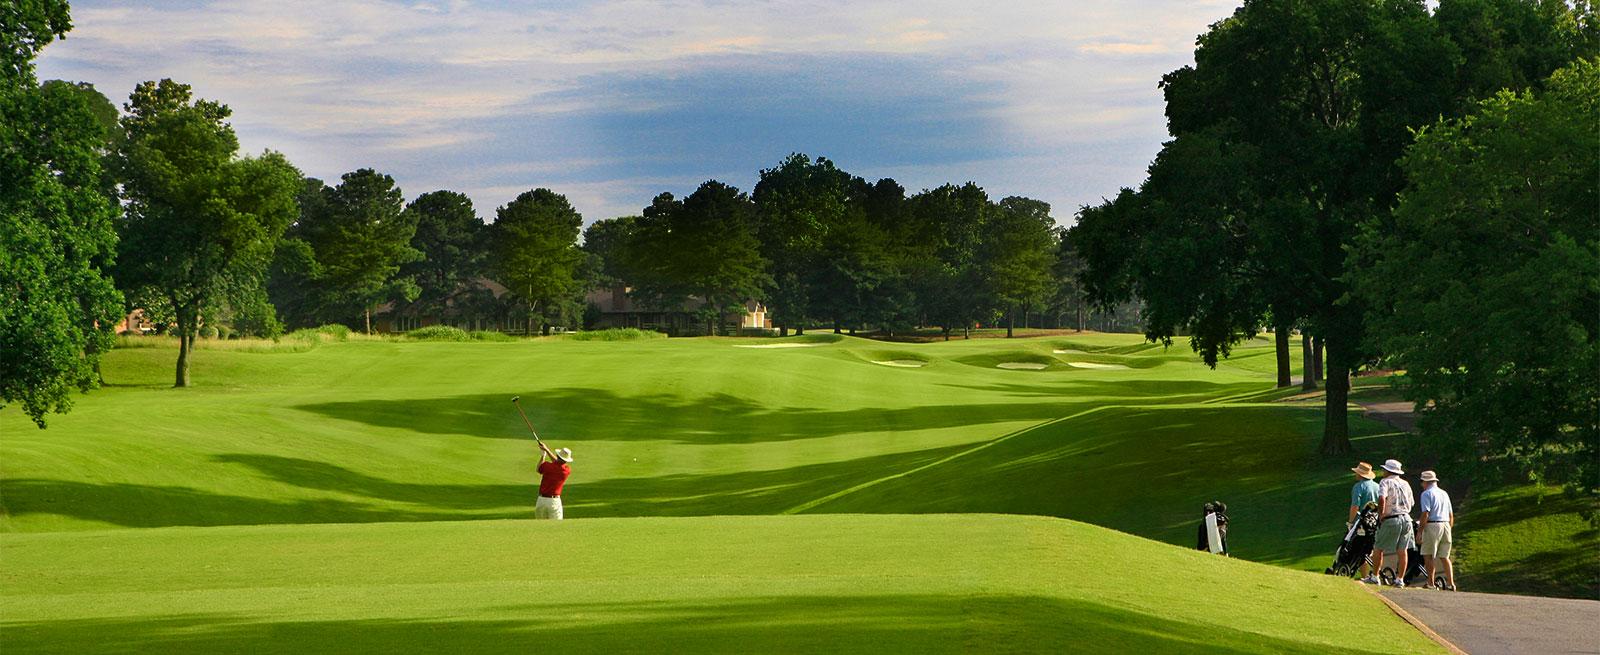 panoramic golf course shot